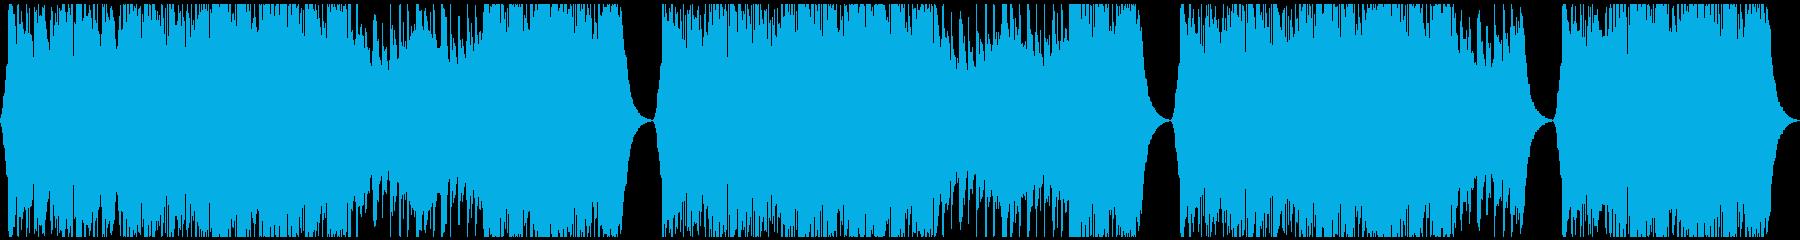 現代的 交響曲 モダン 室内楽 ゆ...の再生済みの波形